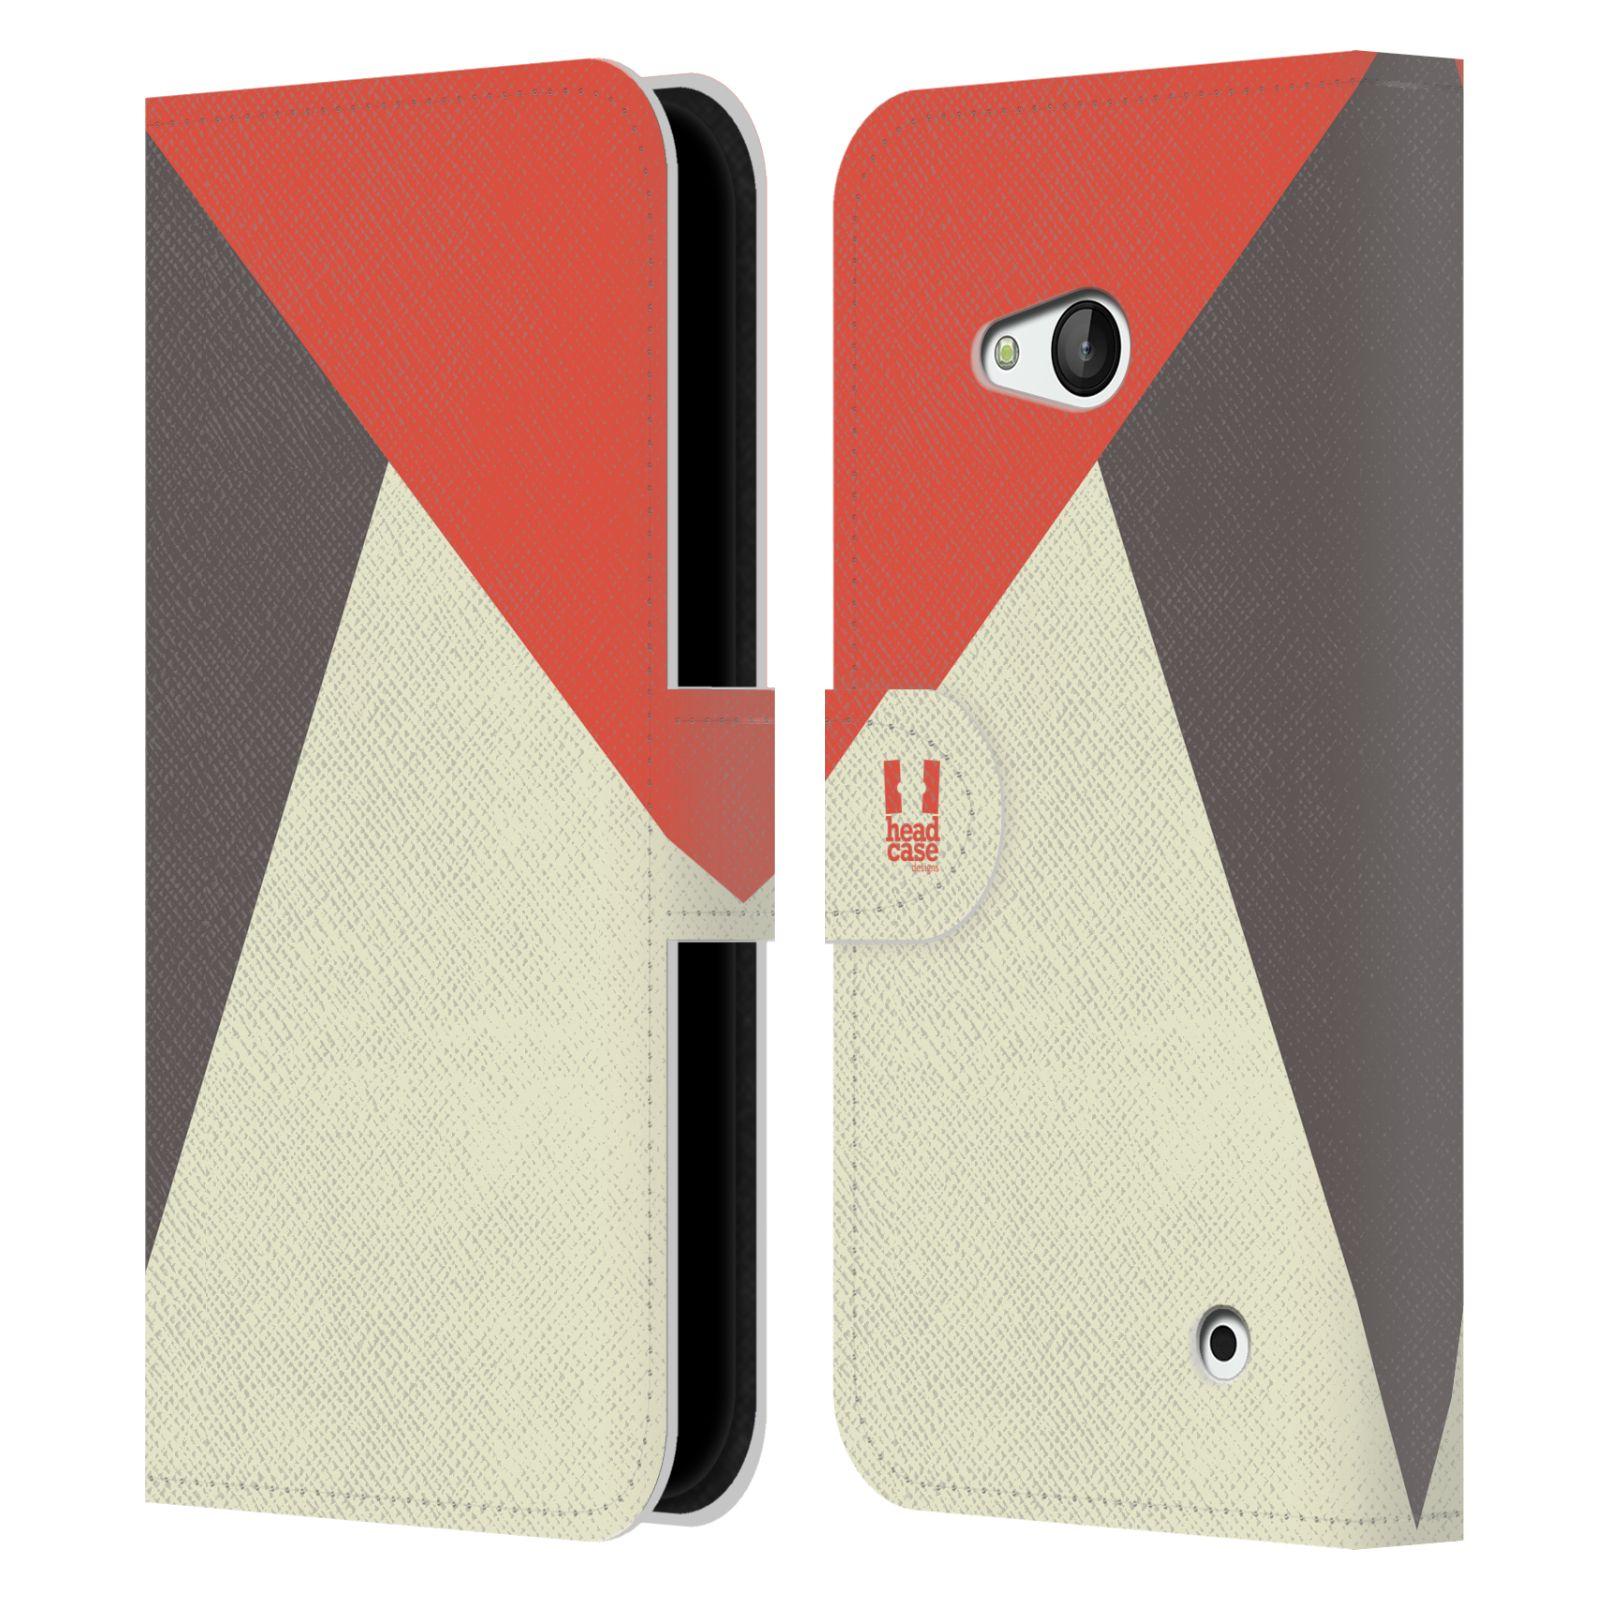 HEAD CASE Flipové pouzdro pro mobil Nokia LUMIA 640 barevné tvary červená a šedá COOL